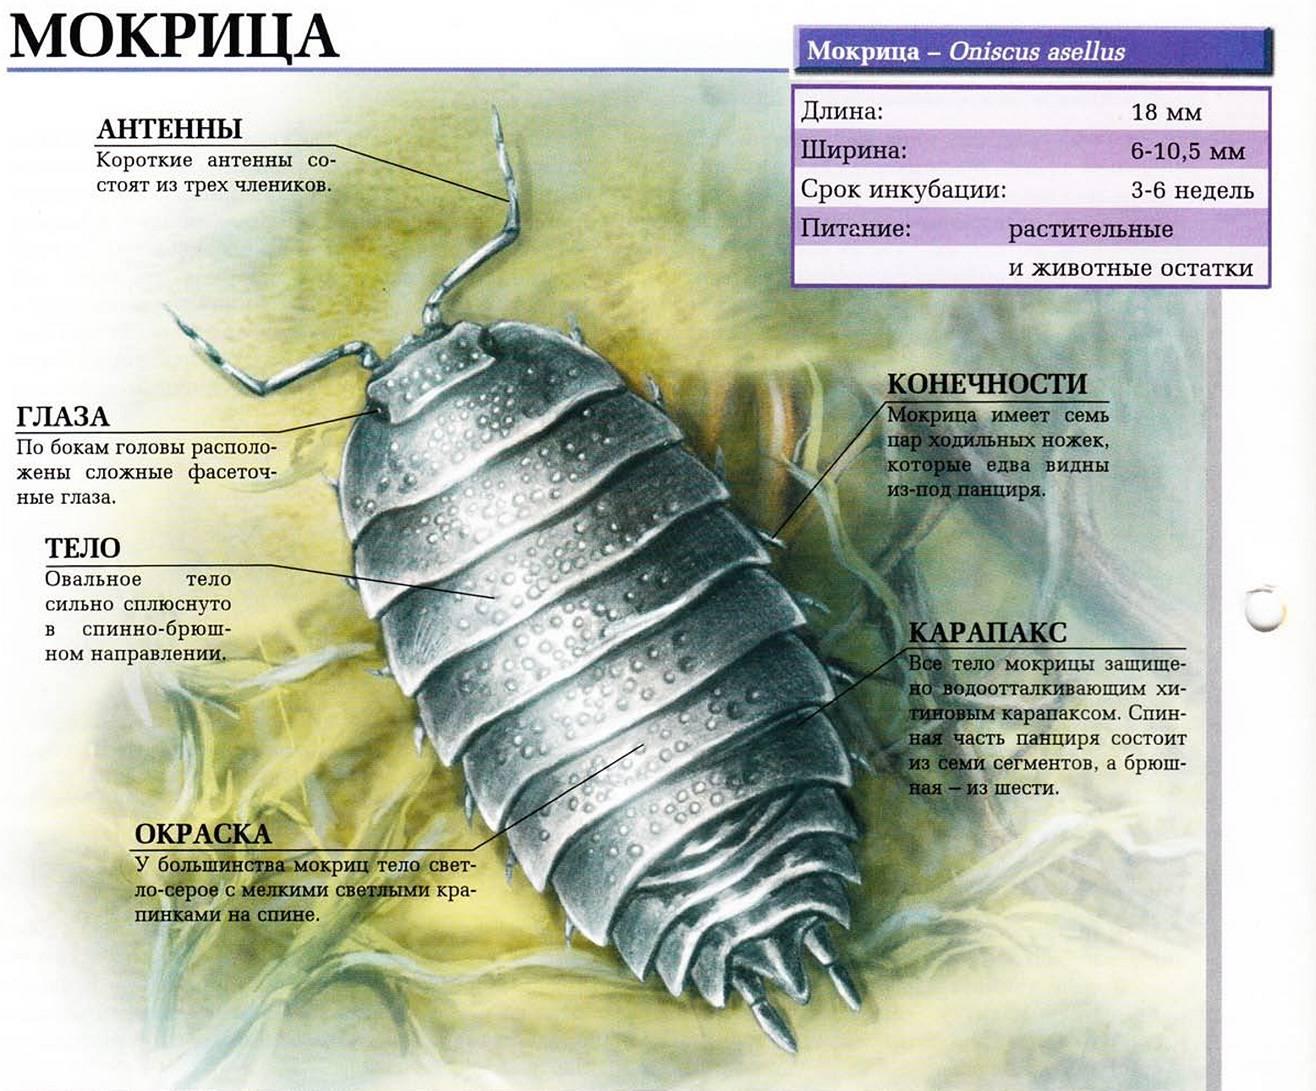 Мокрицы: ракообразного ли класса насекомые, какой тип и отряд представляют, особенности образа жизни и различные способы борьбы с ними русский фермер